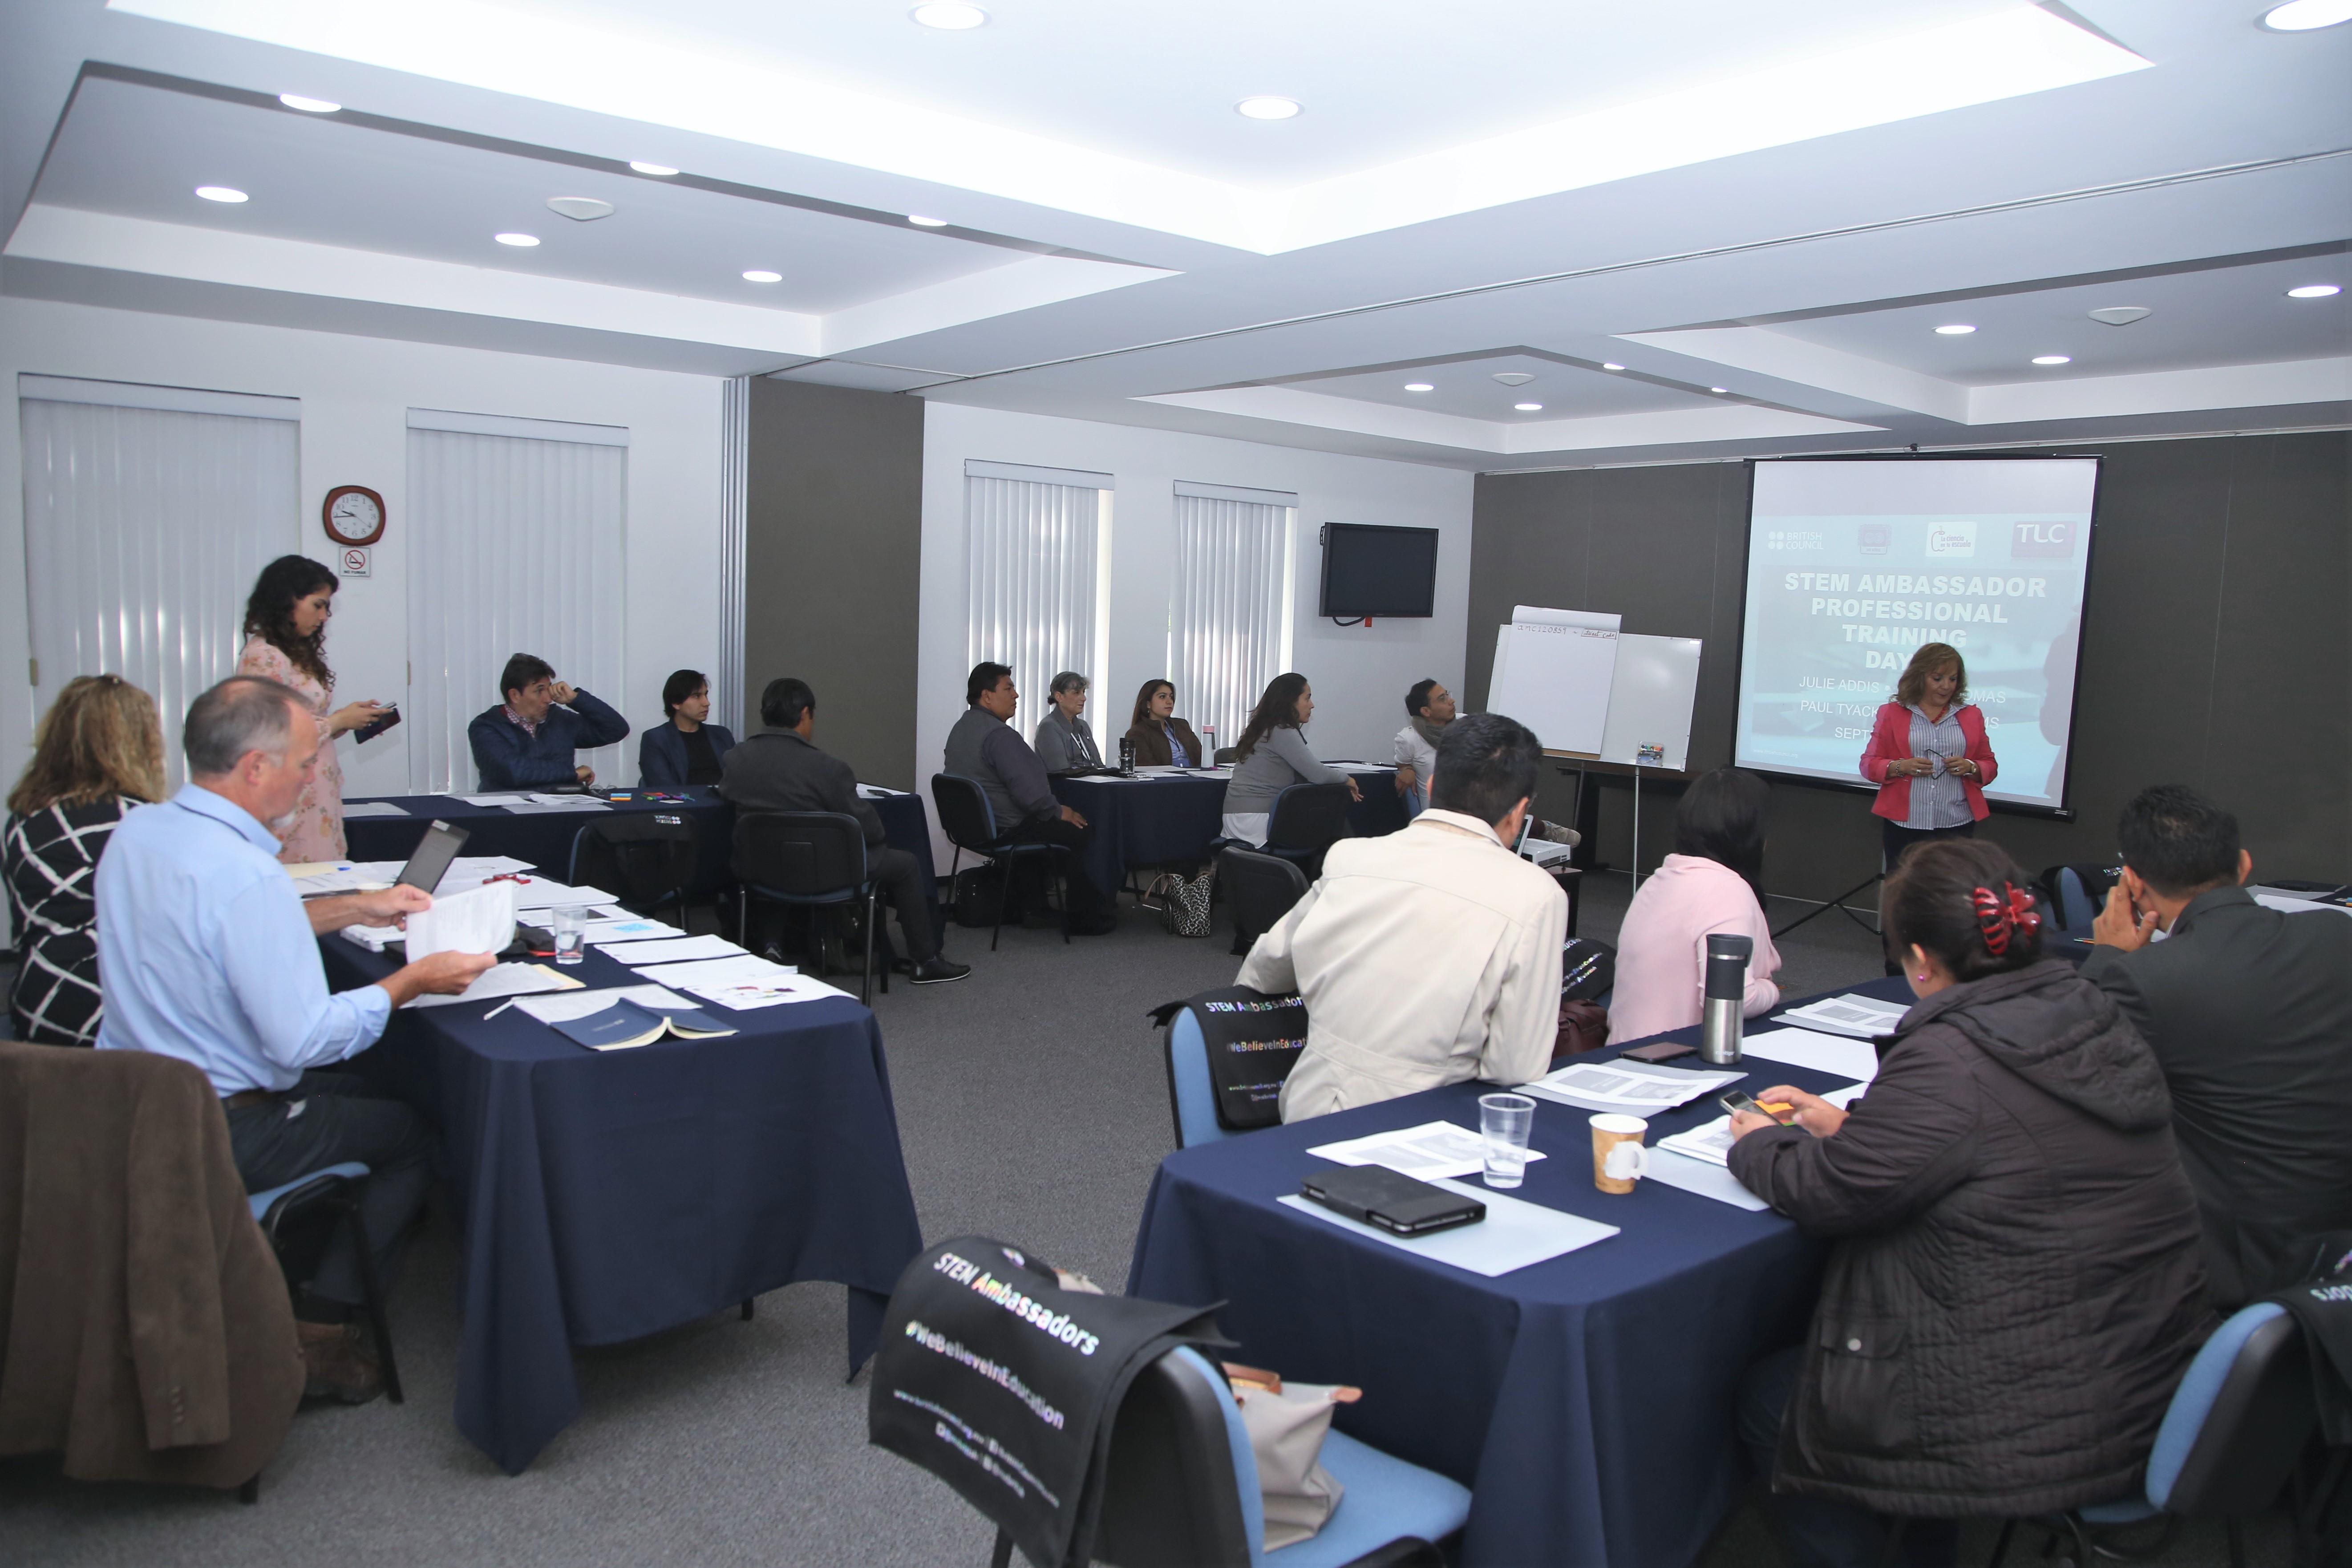 El British Council México y la Academia Mexicana de Ciencias, impulsan la educación y fomentan nuevos modelos de enseñanza.